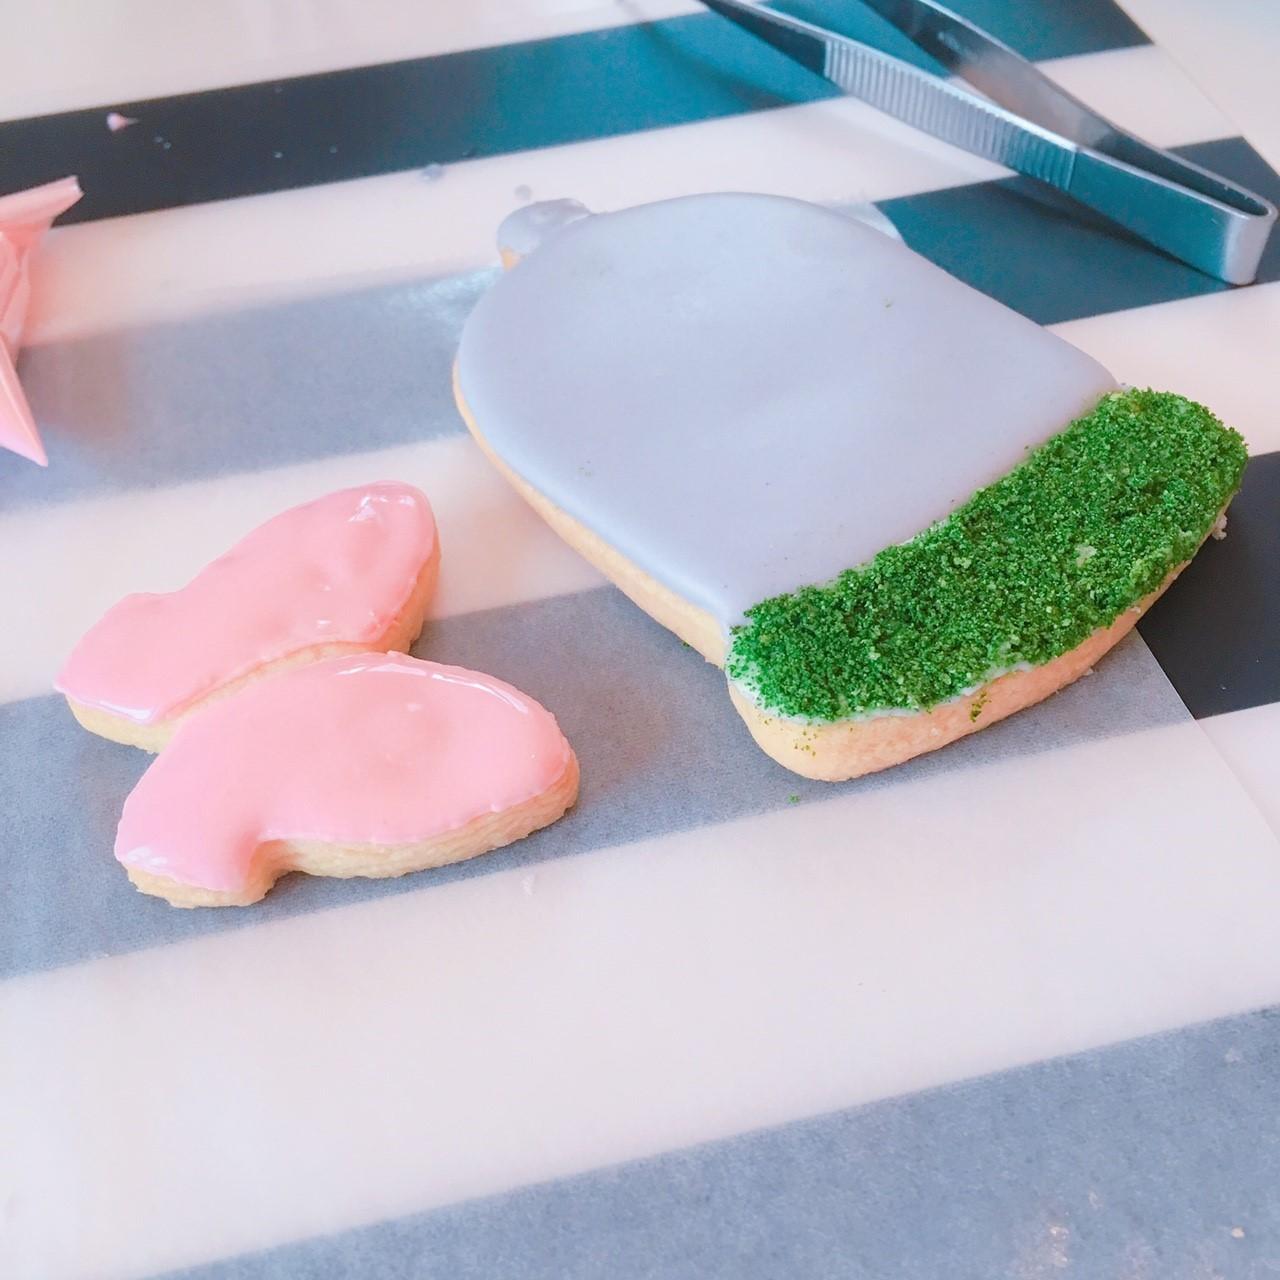 見た目も美味しい【アイシングクッキー】_1_1